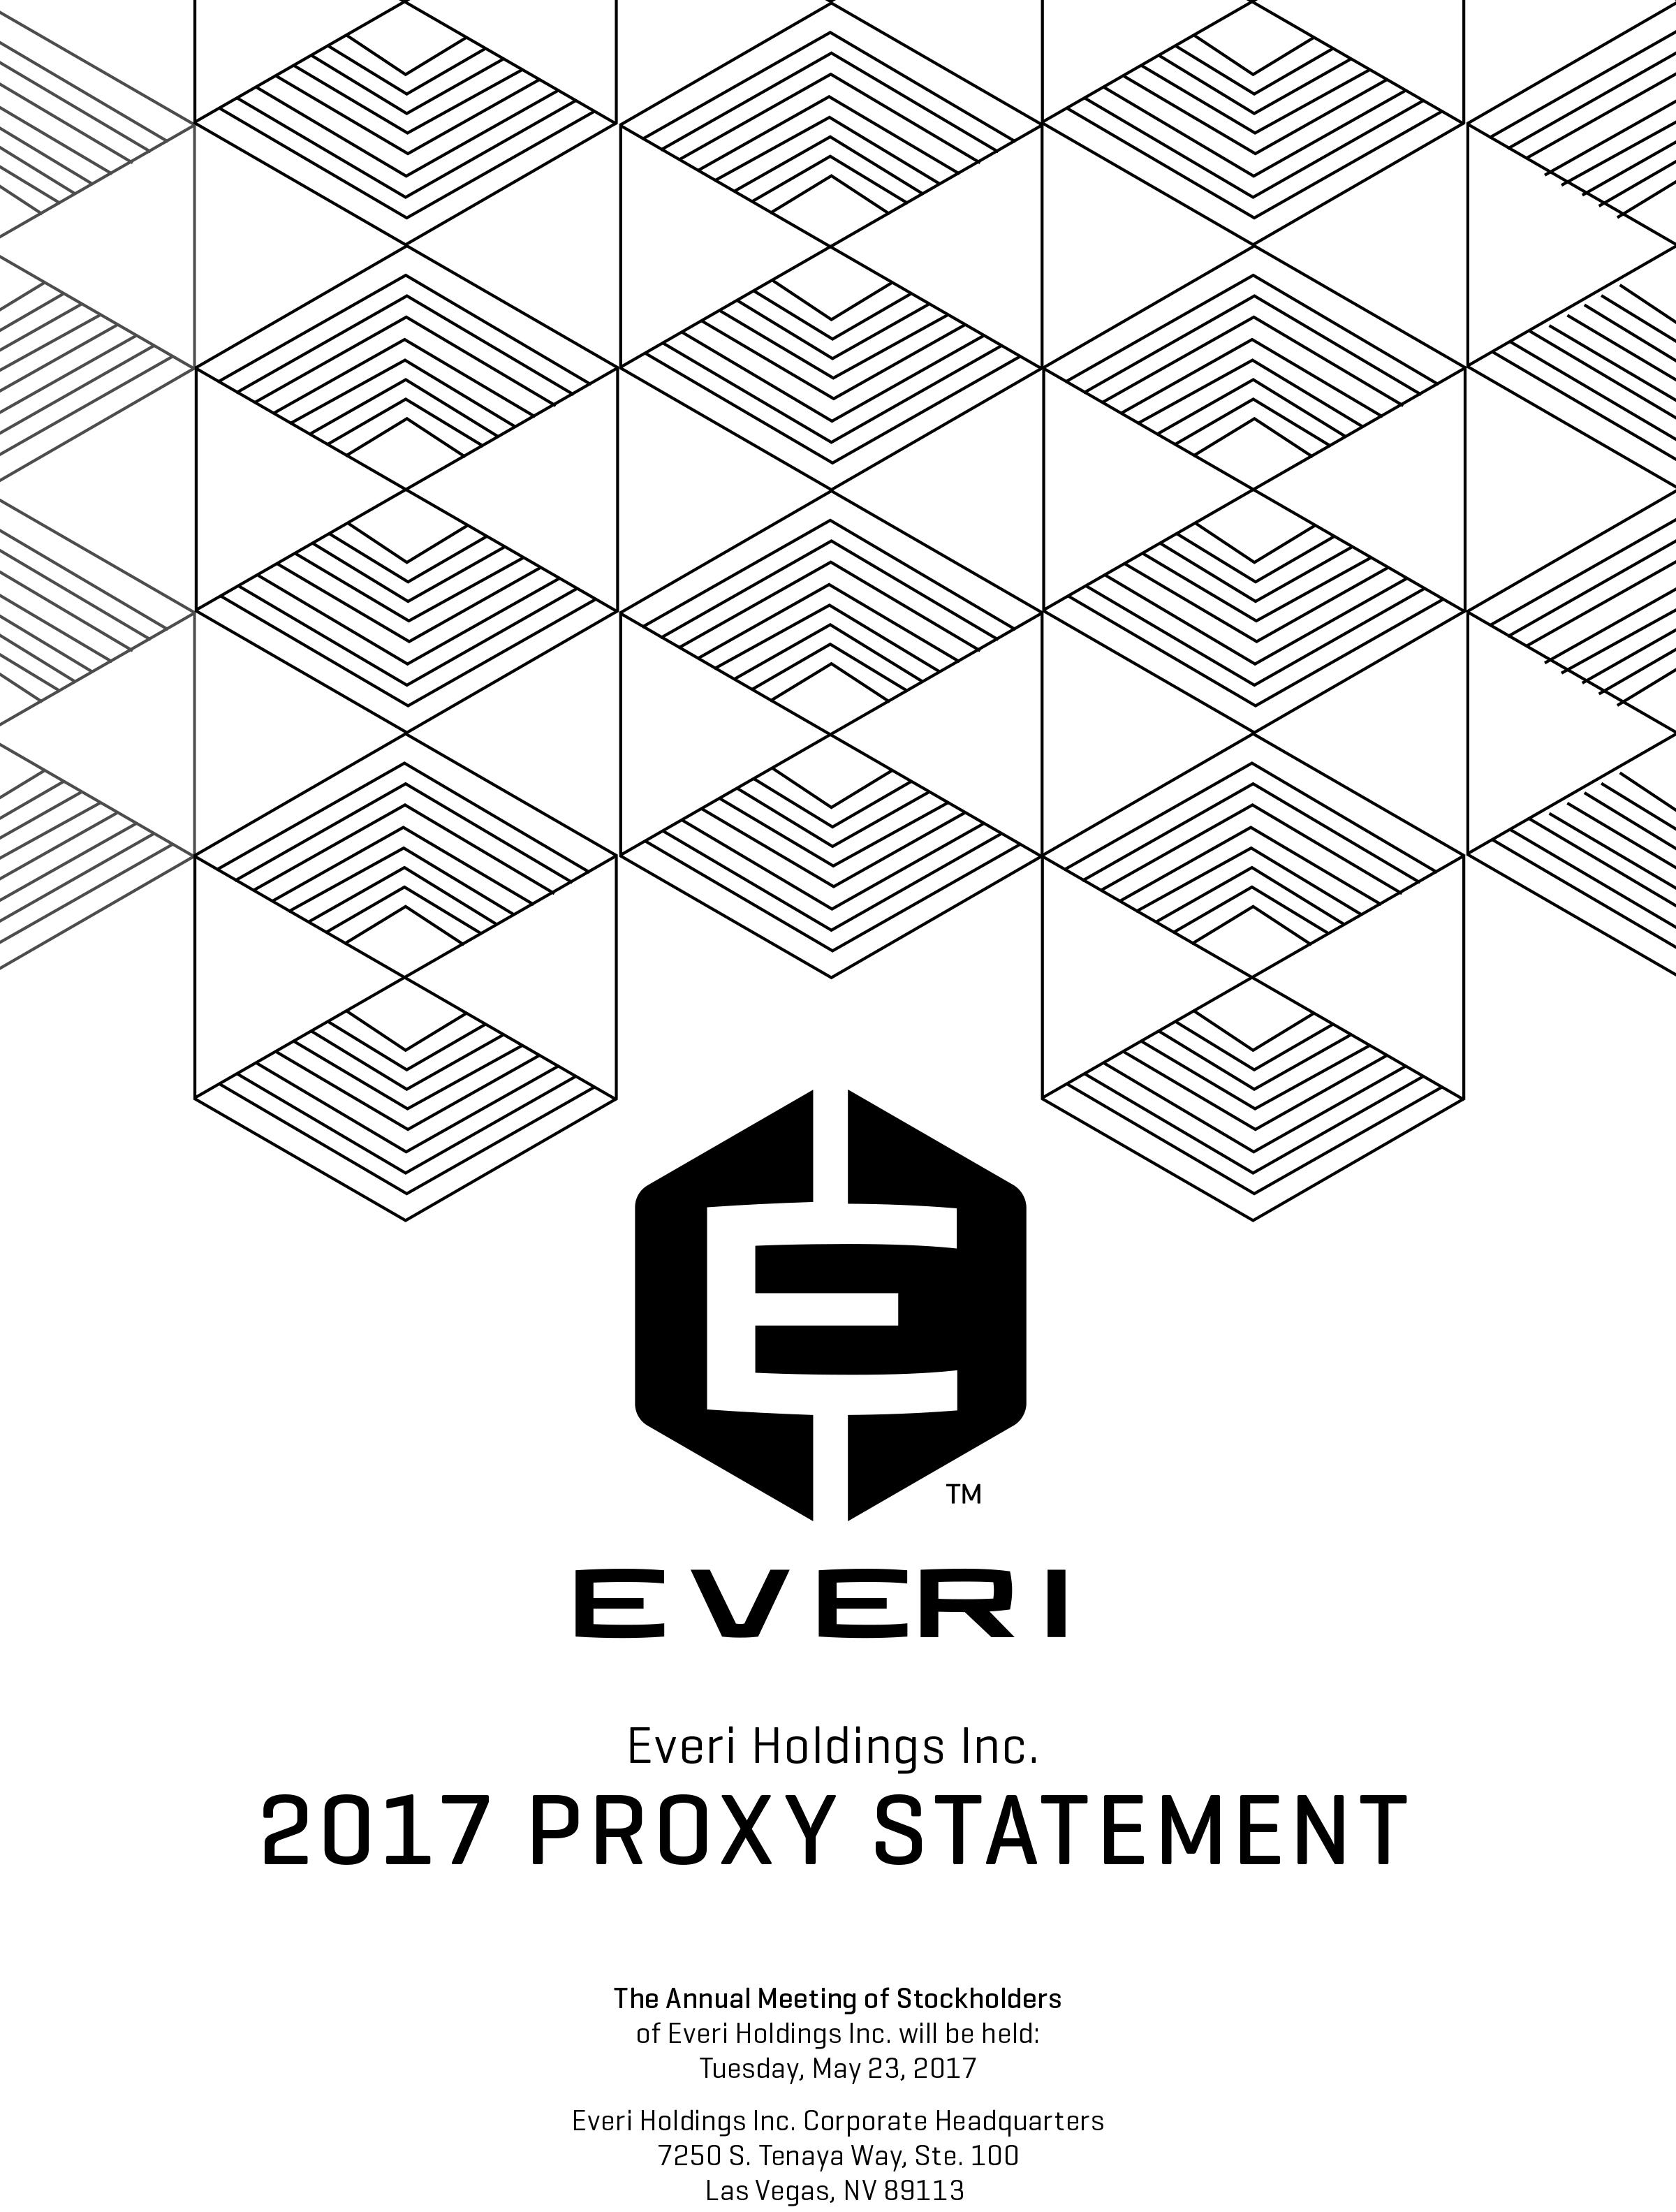 W:/SEC/2017/05 CY PROXY/01 PROXY STMTS/DRAFT PROXY/EVERI_PROXYSTATEMENTCOVER_2017 (2).JPG